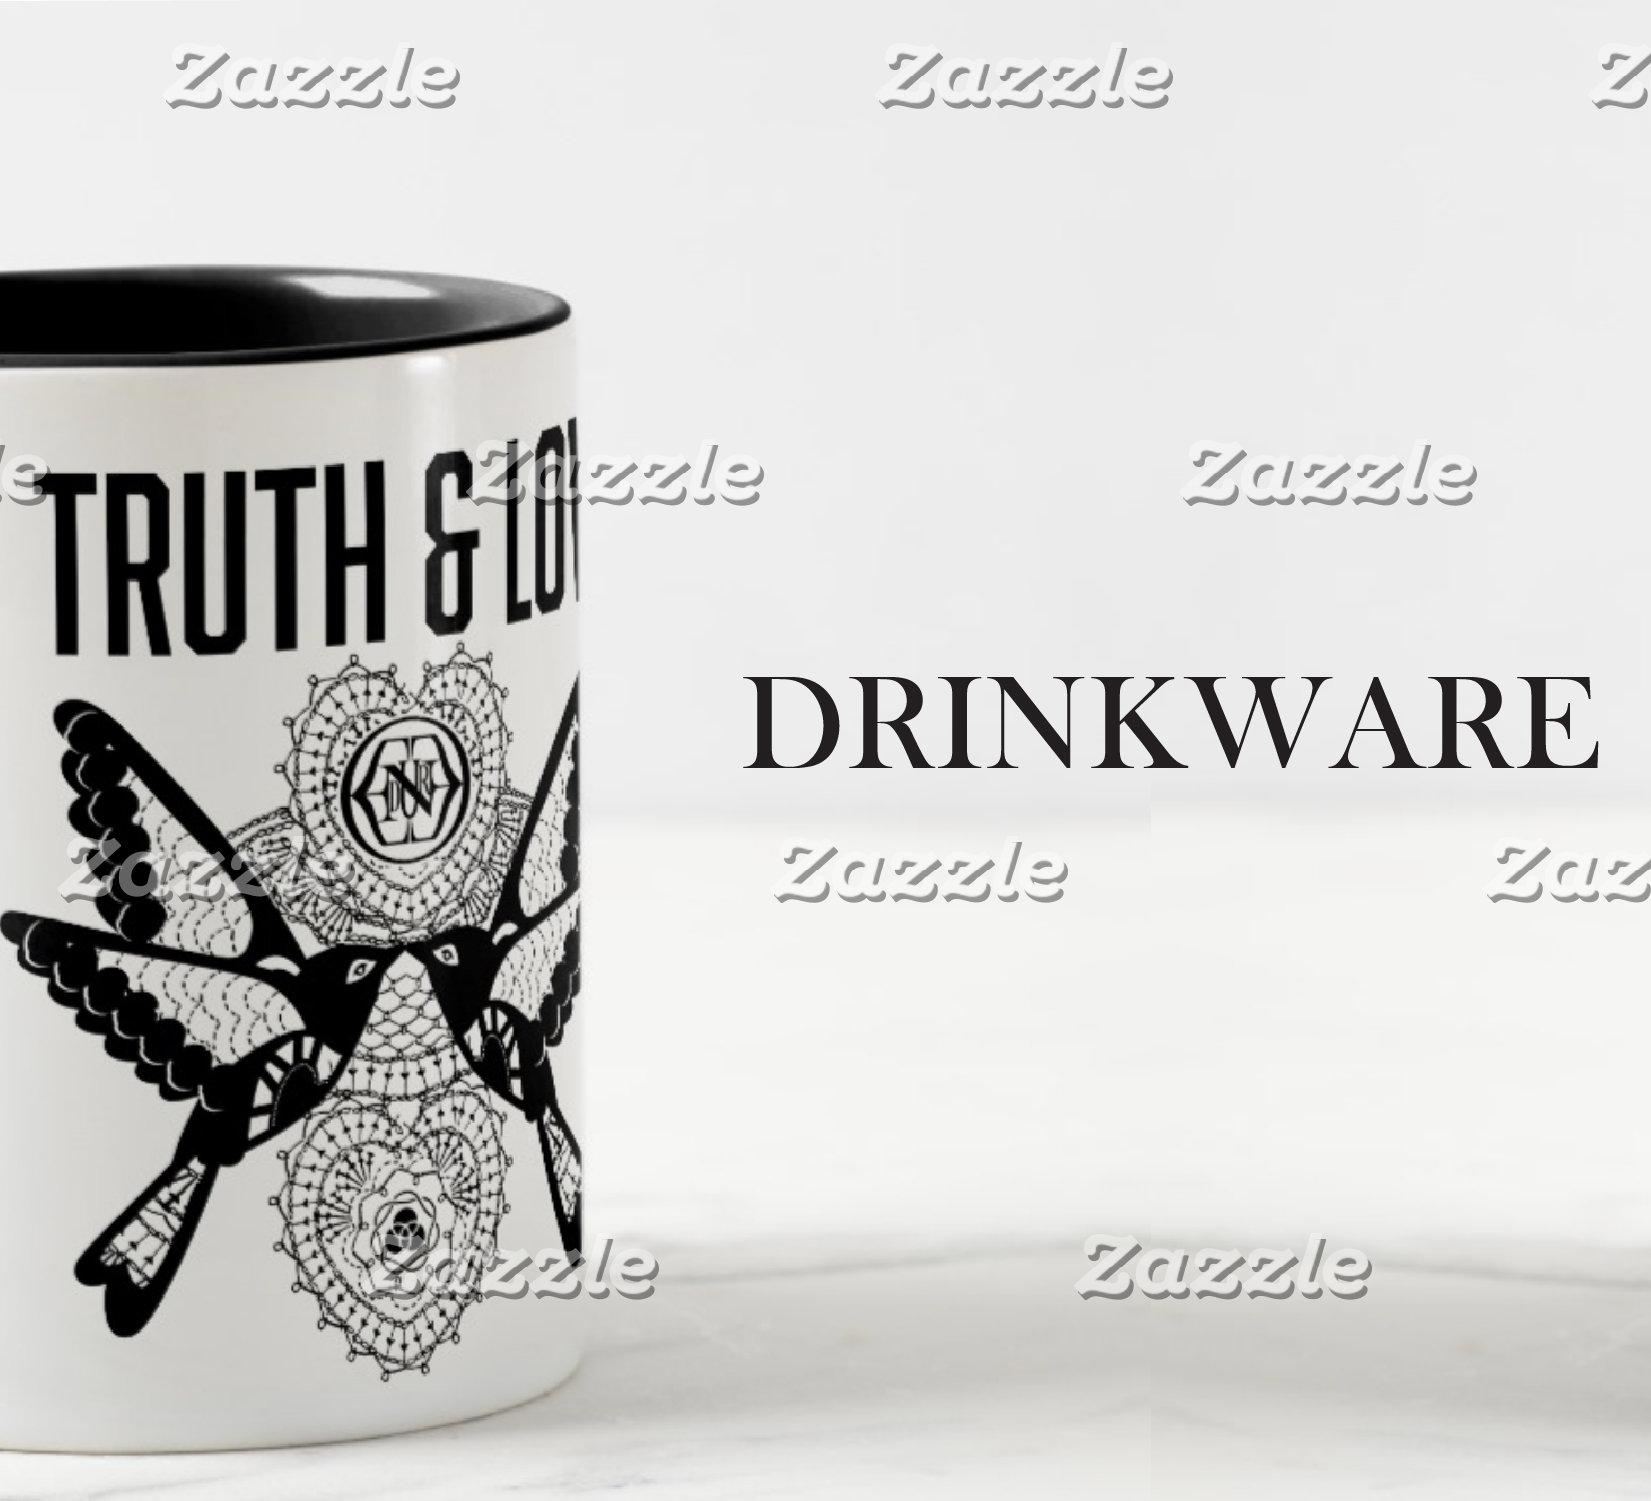 ENDURE DRINKWARE